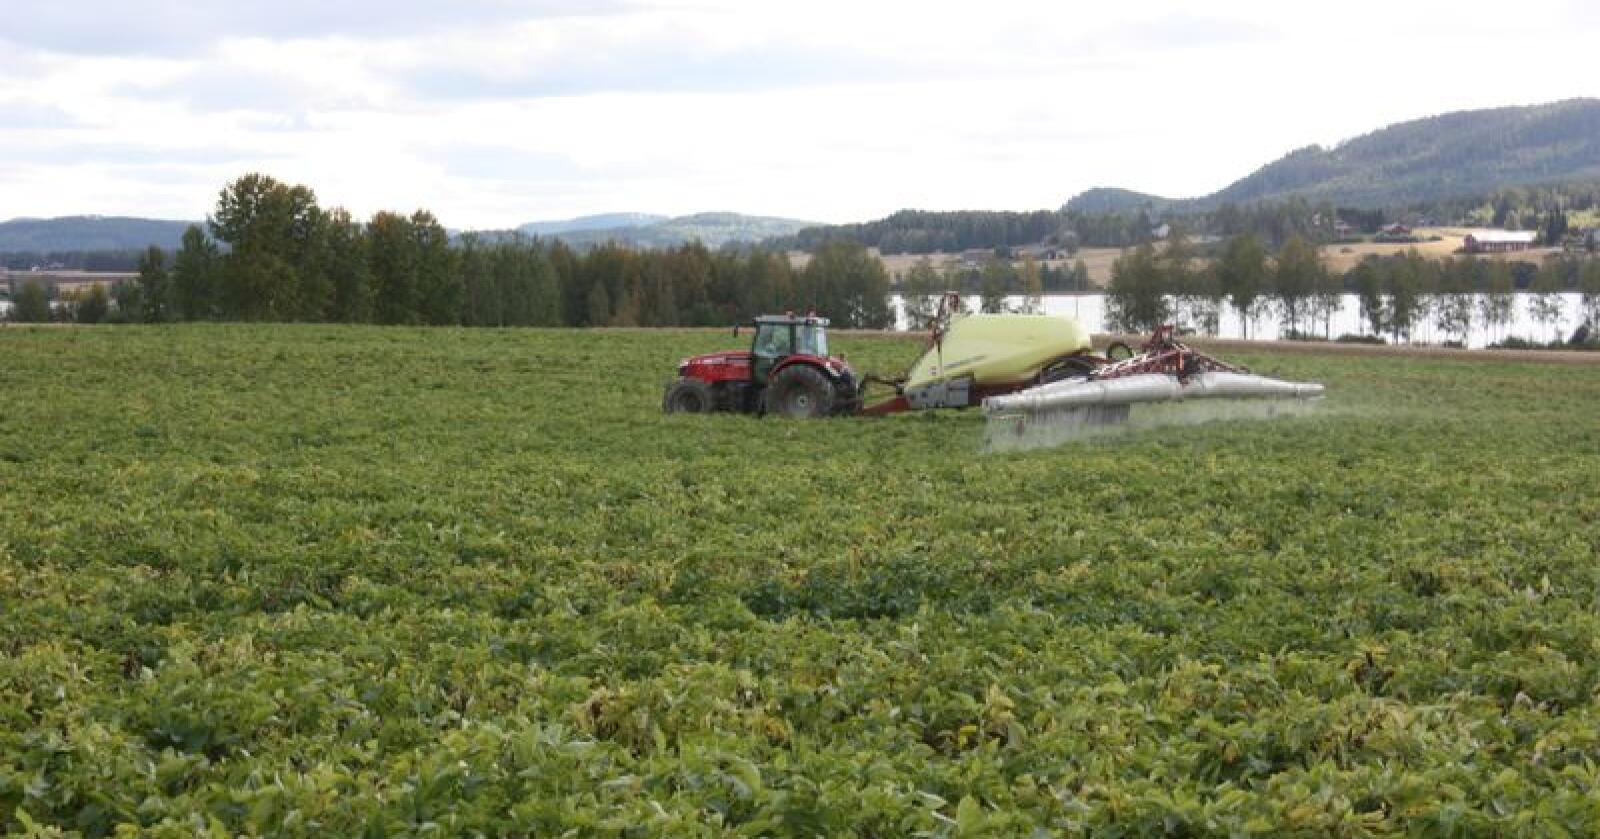 Potetprodusenter må forberede seg på at Norge kommer til å følge etter EU som forbyr bruk av Reglone. Foto: Borghild Glorvigen